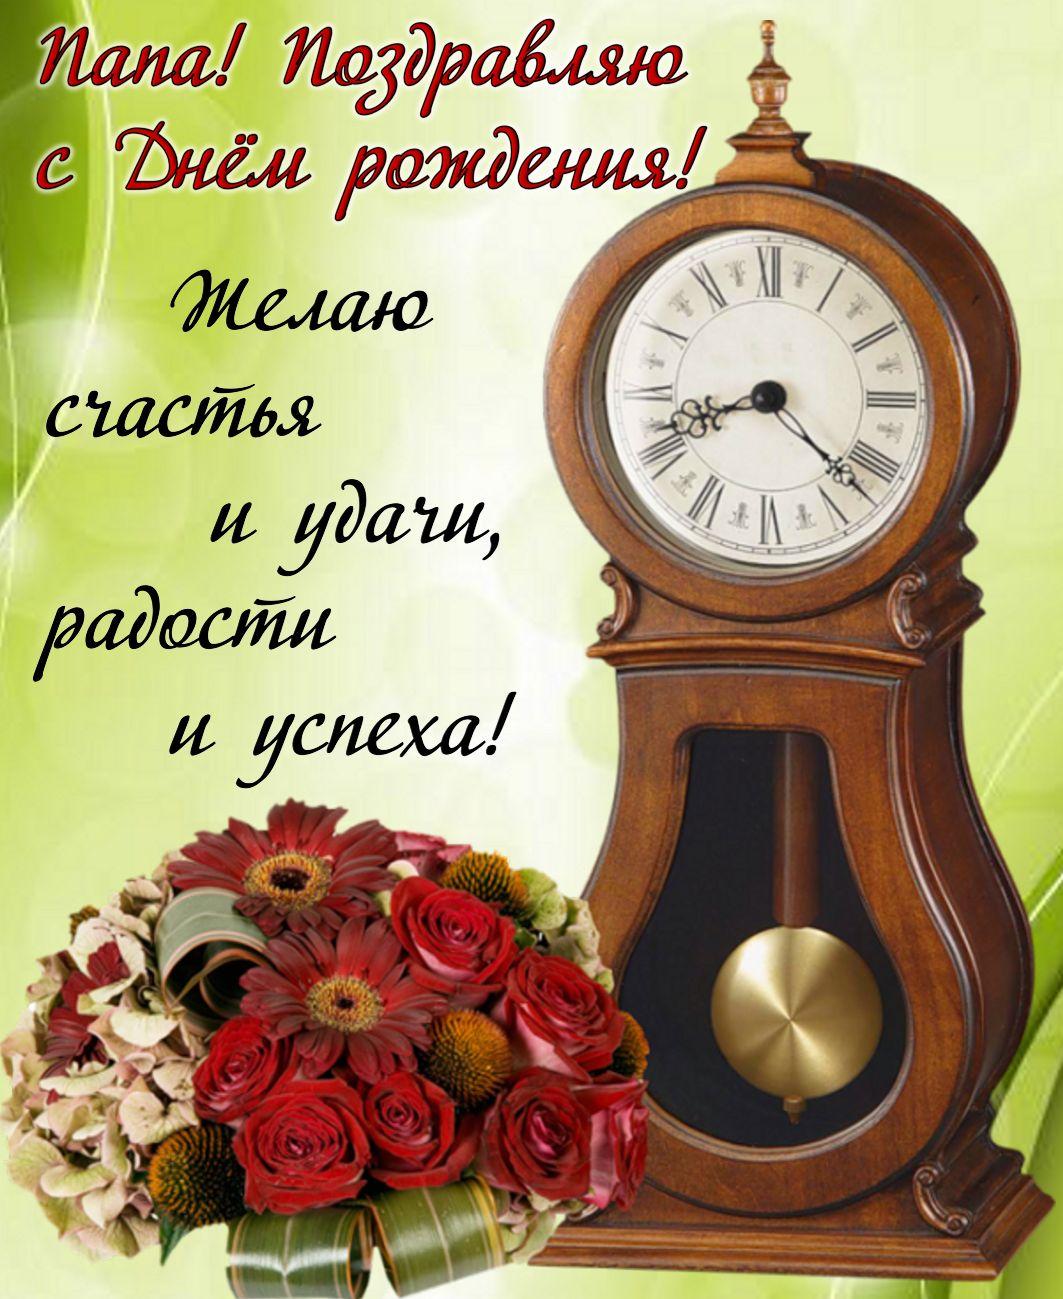 Открытка на День рождения папе - старинные часы с букетом цветов